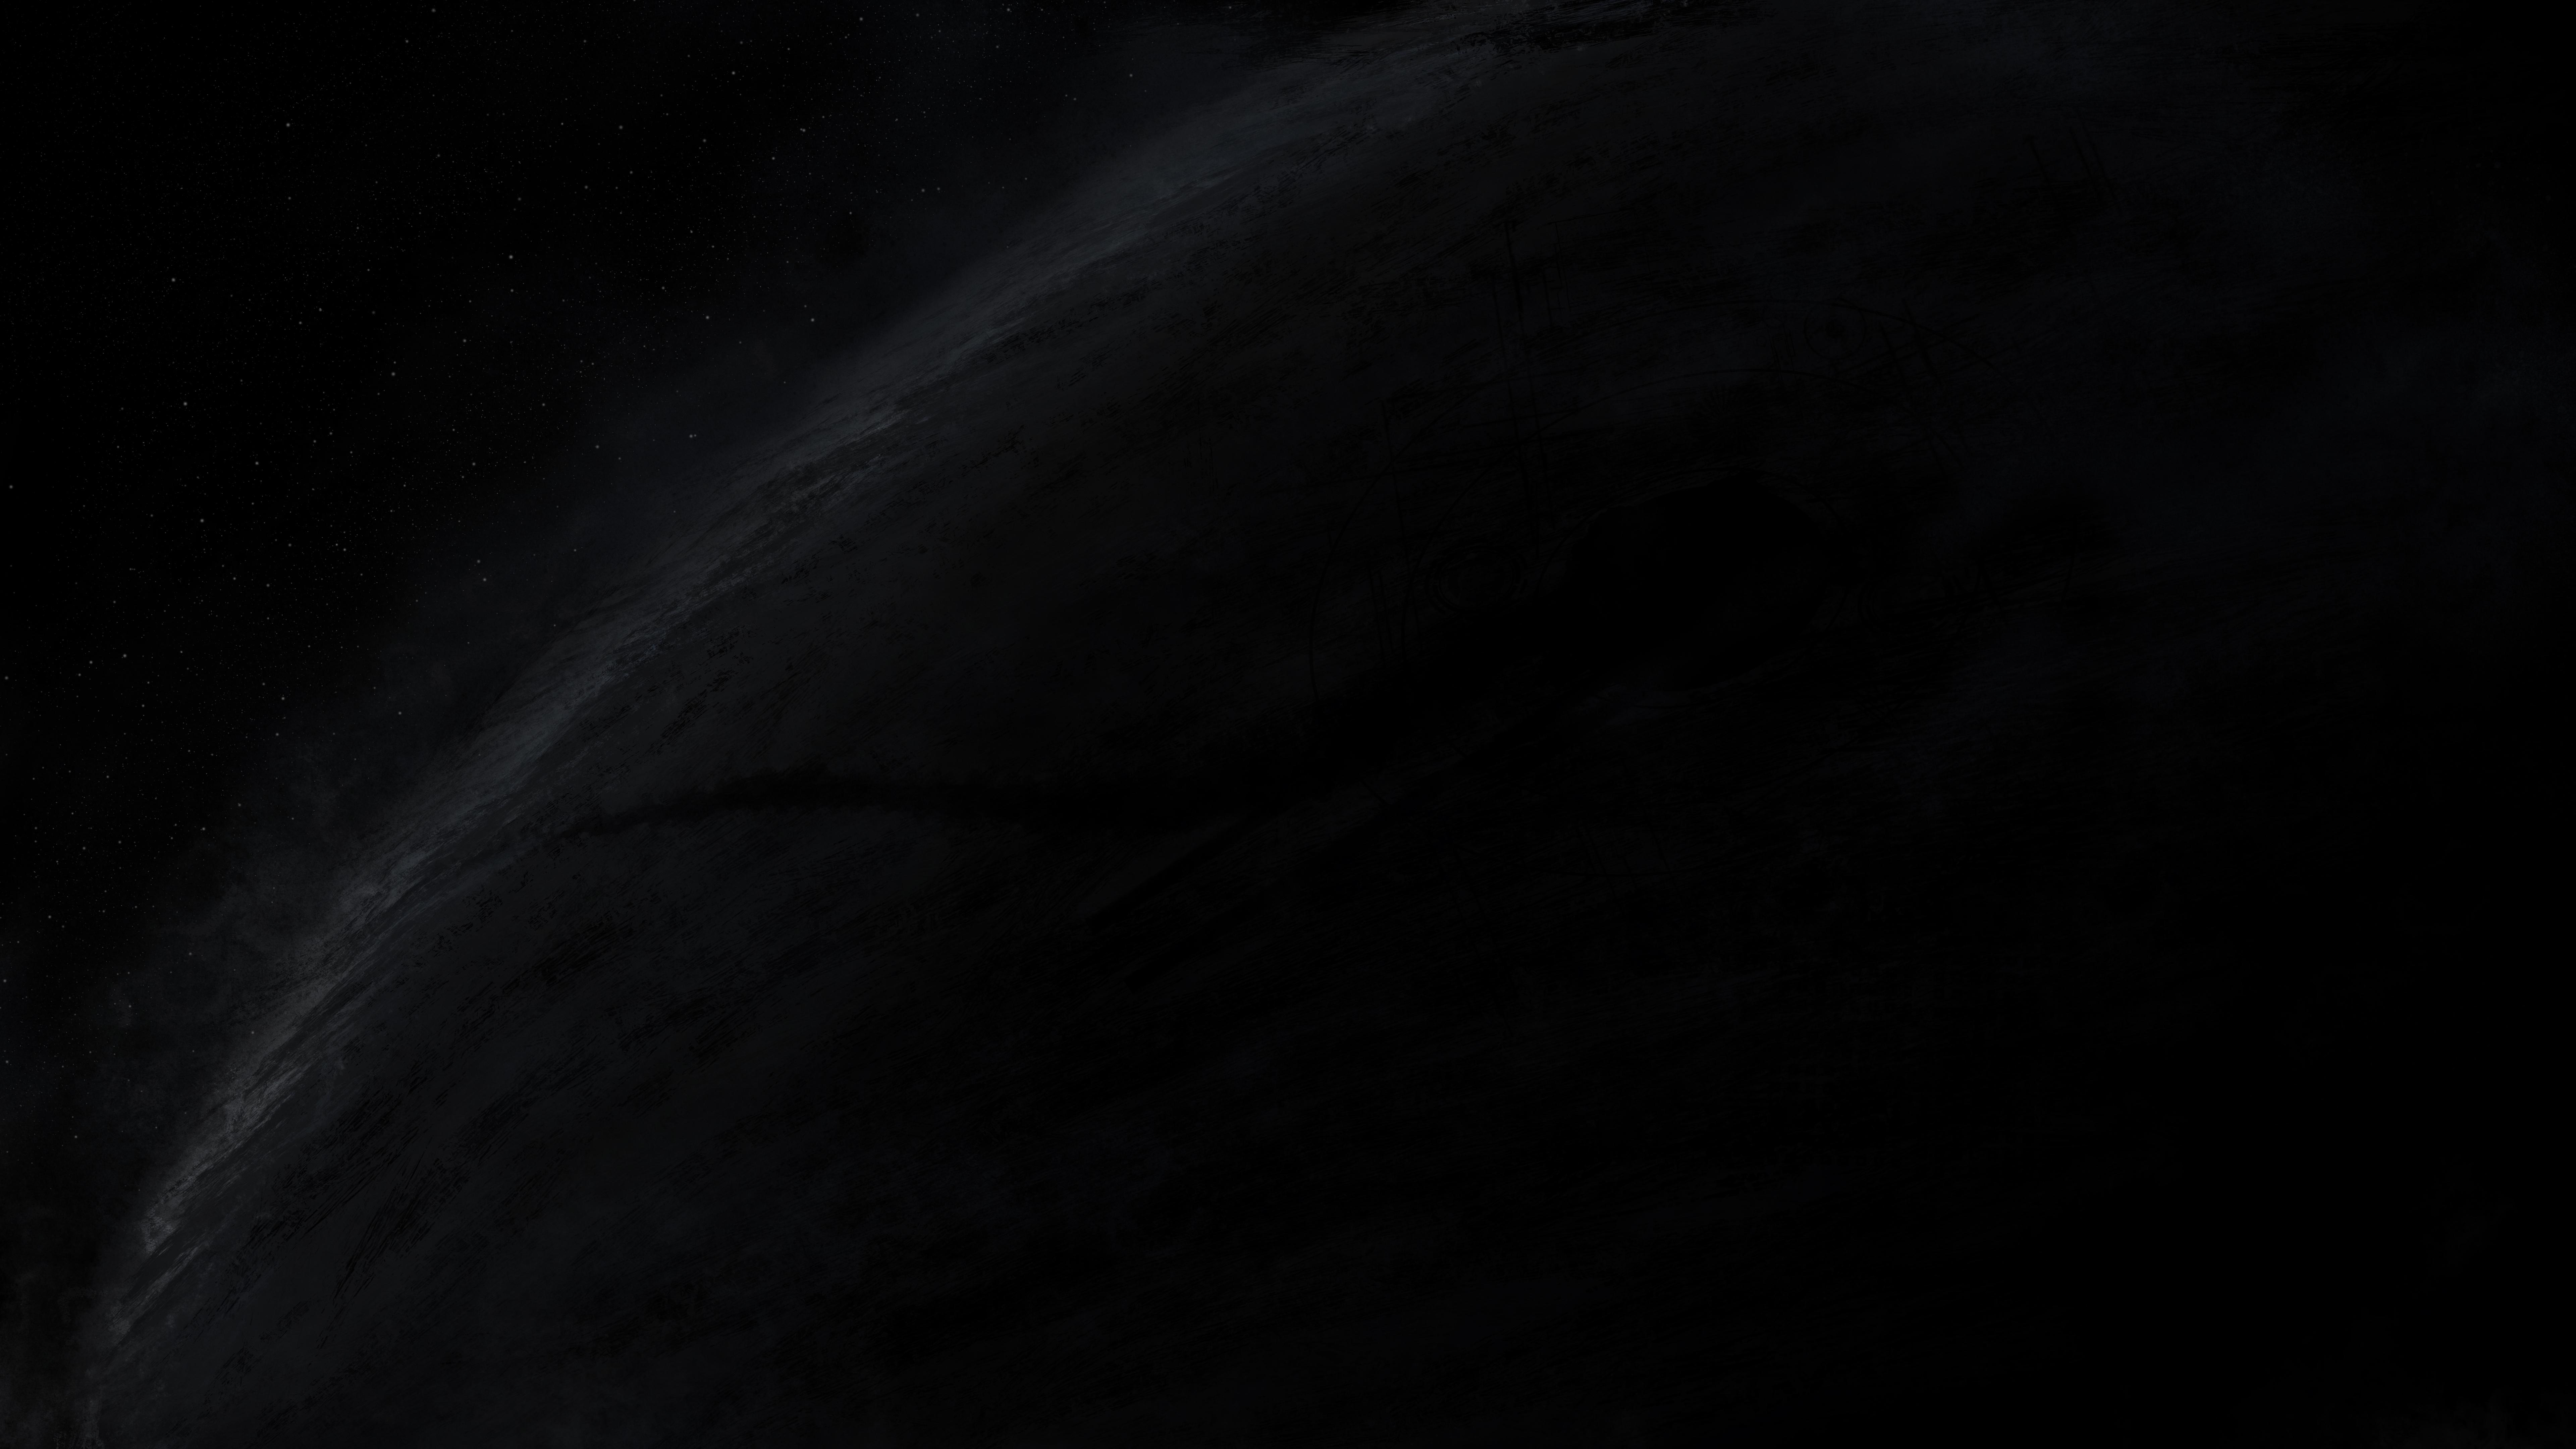 Dark black simple background 8k 0r jpg